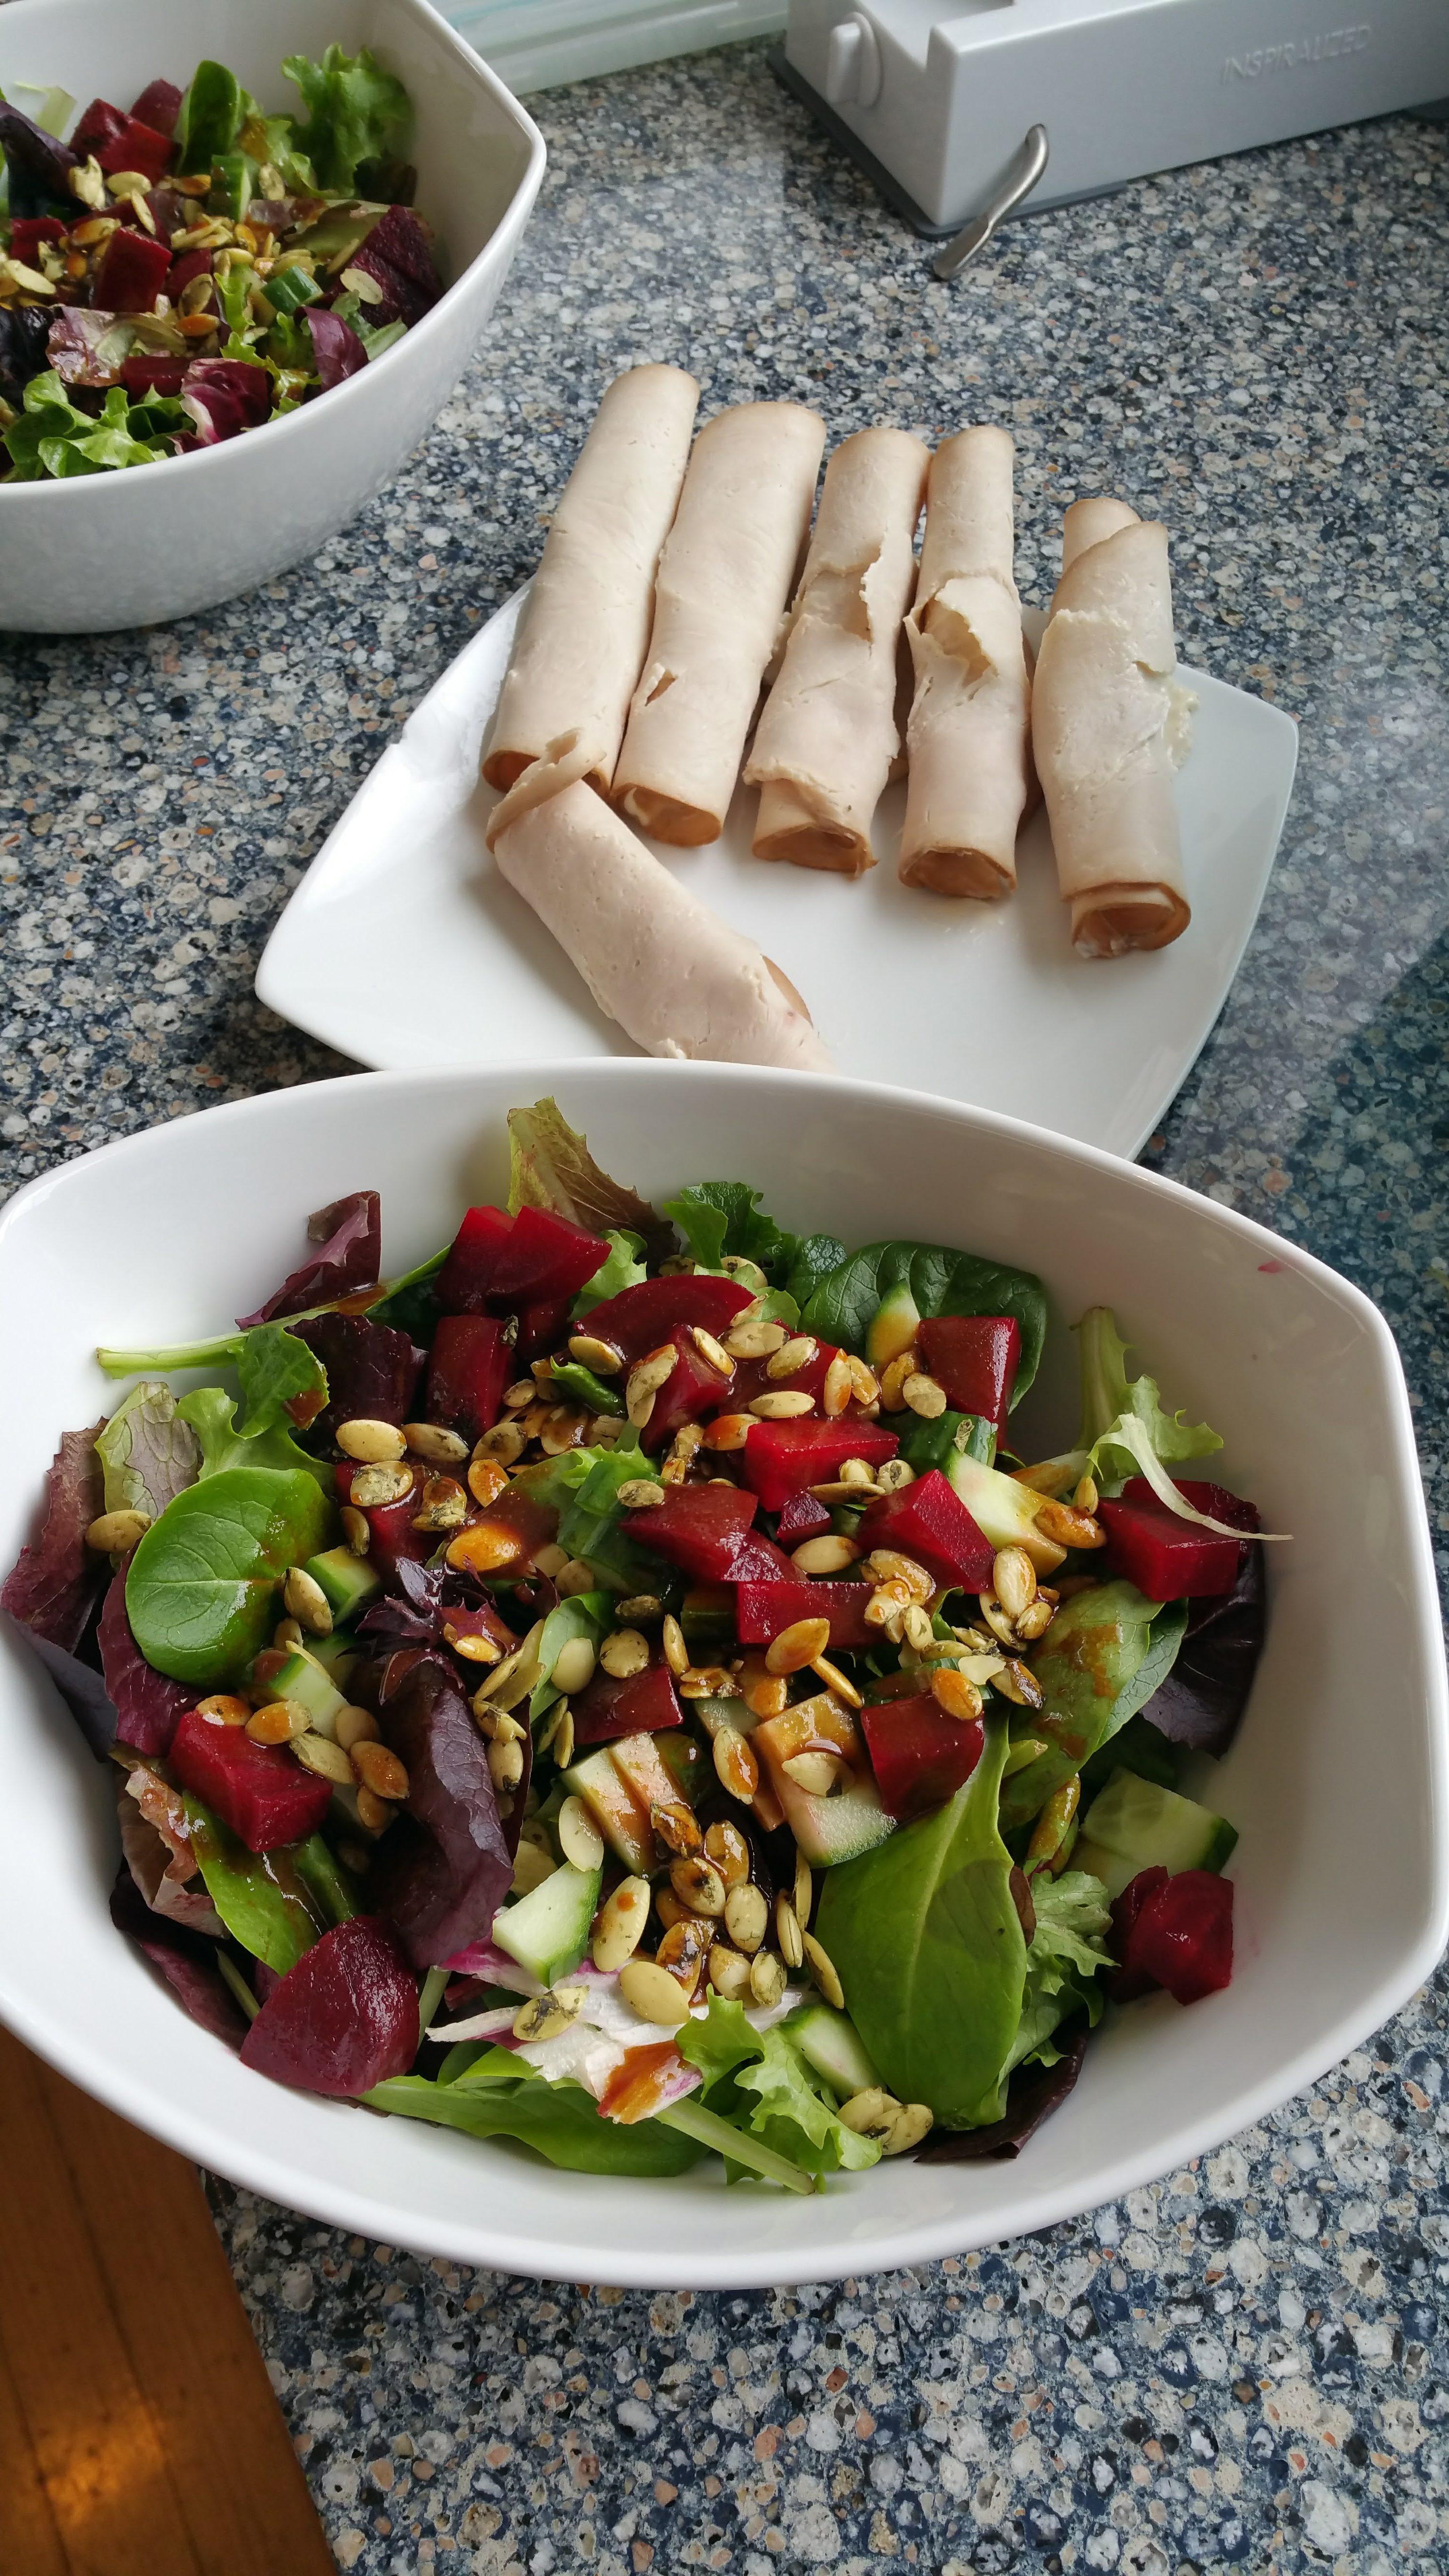 Salad and turkey slices